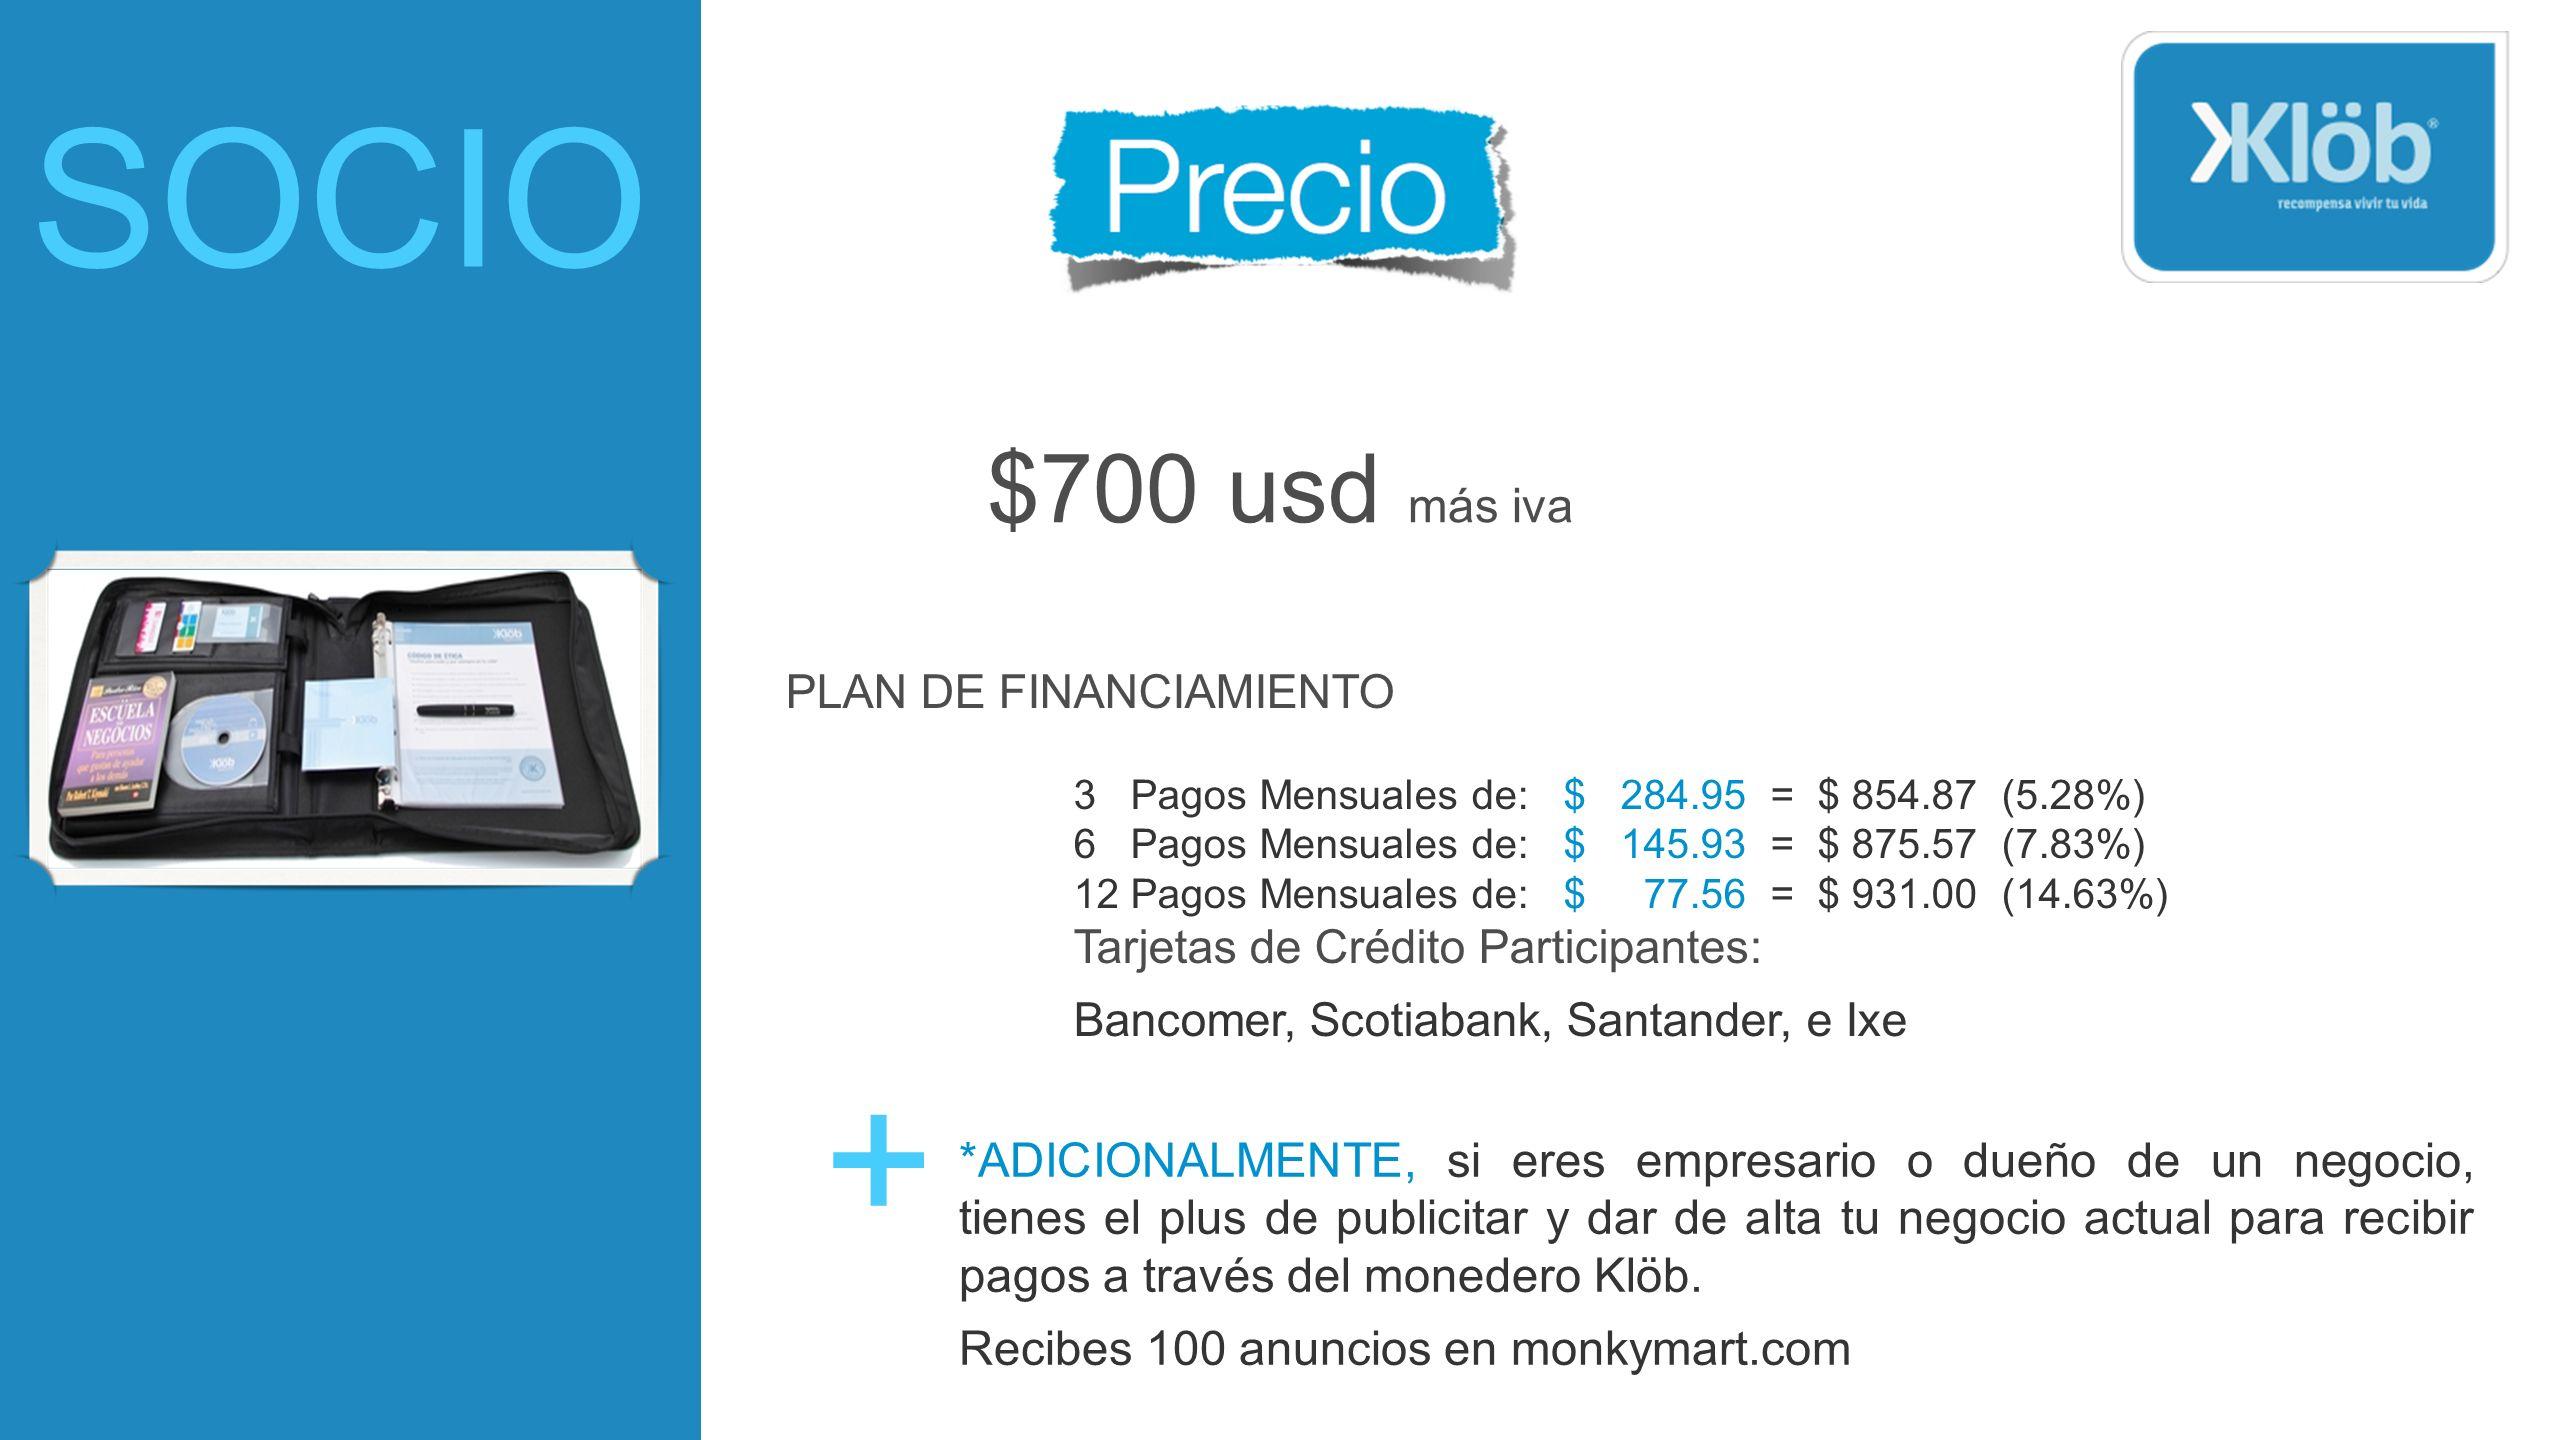 SOCIO $700 usd más iva. PLAN DE FINANCIAMIENTO. 3 Pagos Mensuales de: $ 284.95 = $ 854.87 (5.28%)